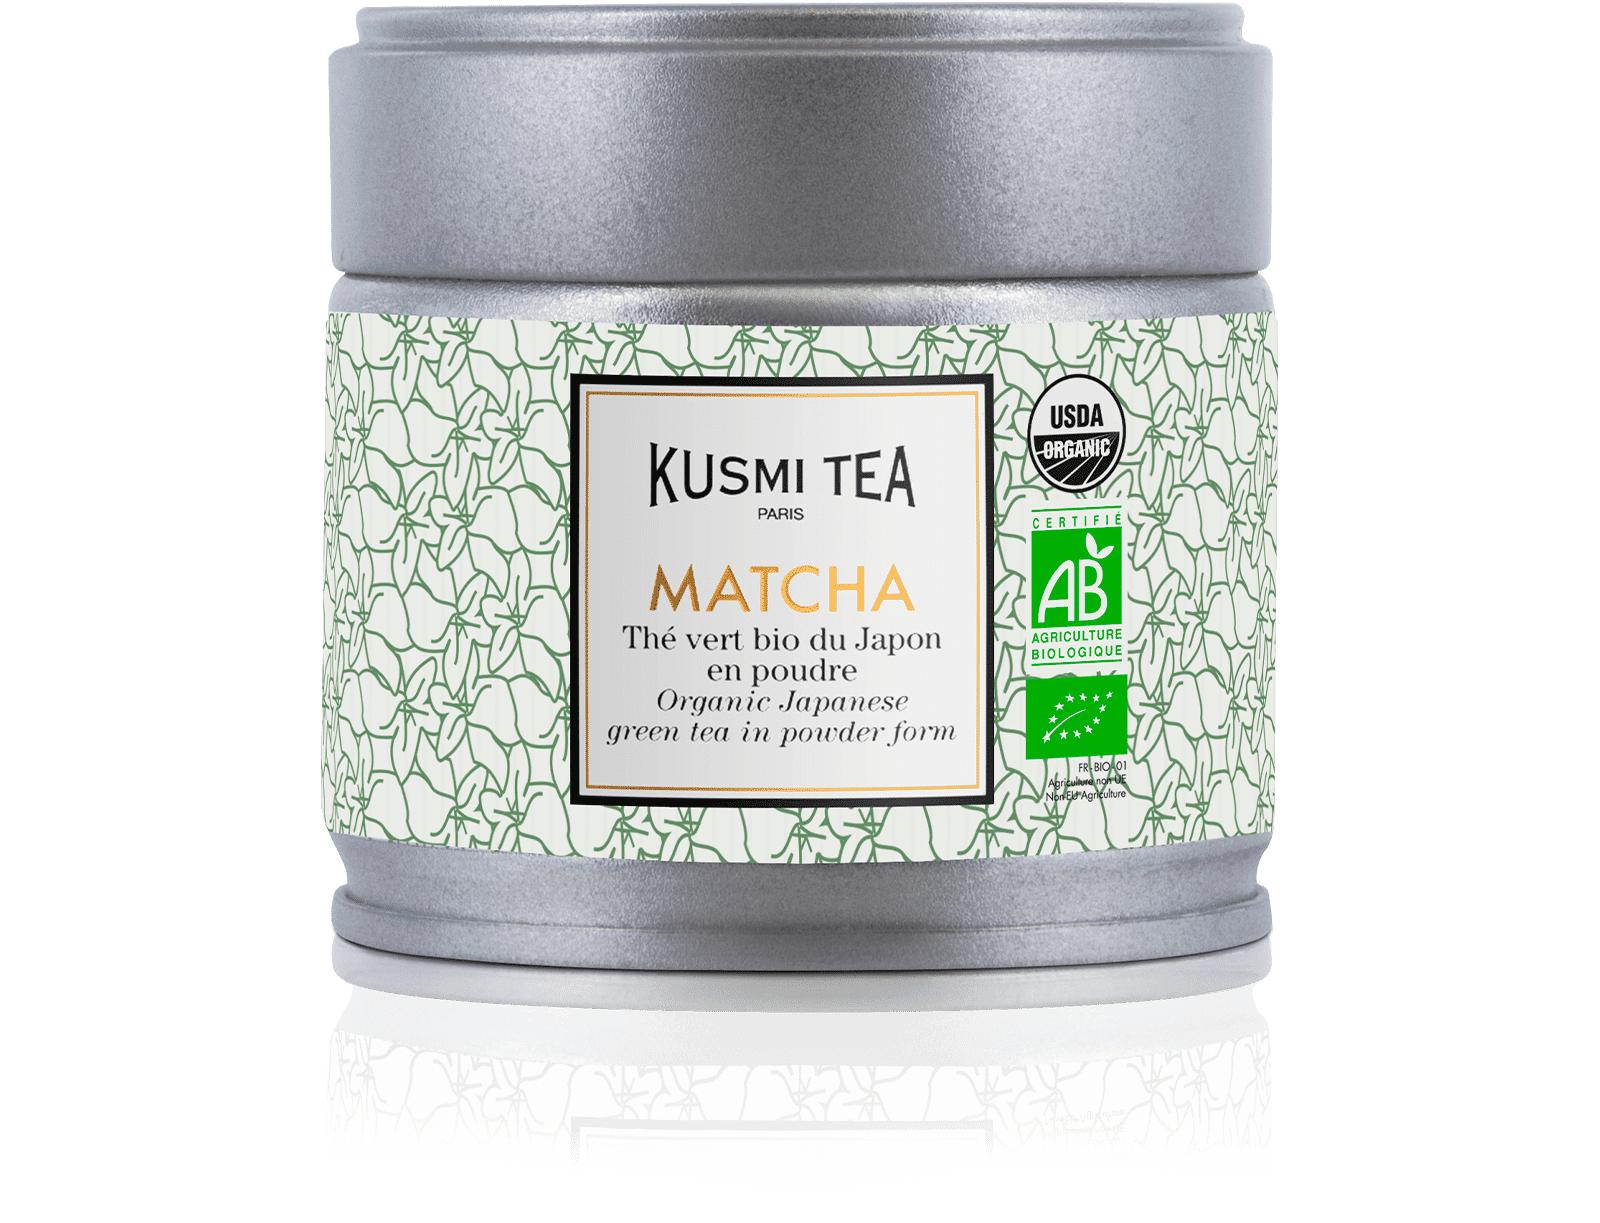 KUSMI TEA Matcha bio - Thé vert bio du Japon en poudre - Boite à thé en vrac - Kusmi Tea